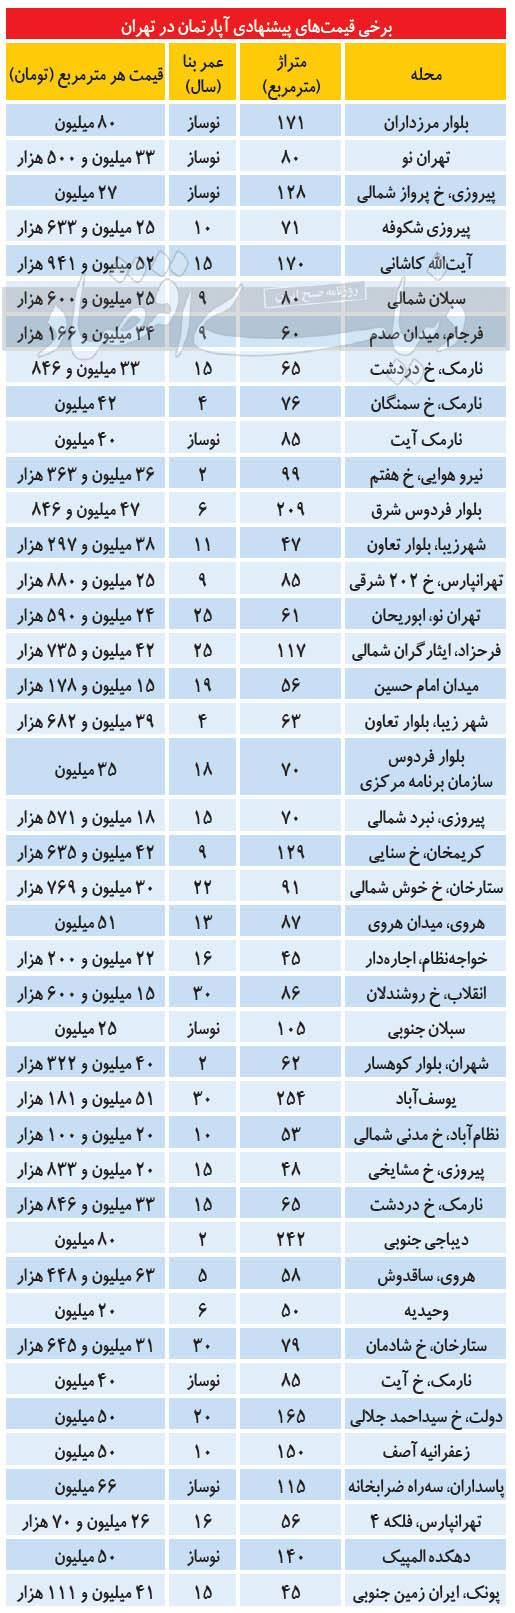 افزایش قیمت مسکن,قیمت مسکن در تهران